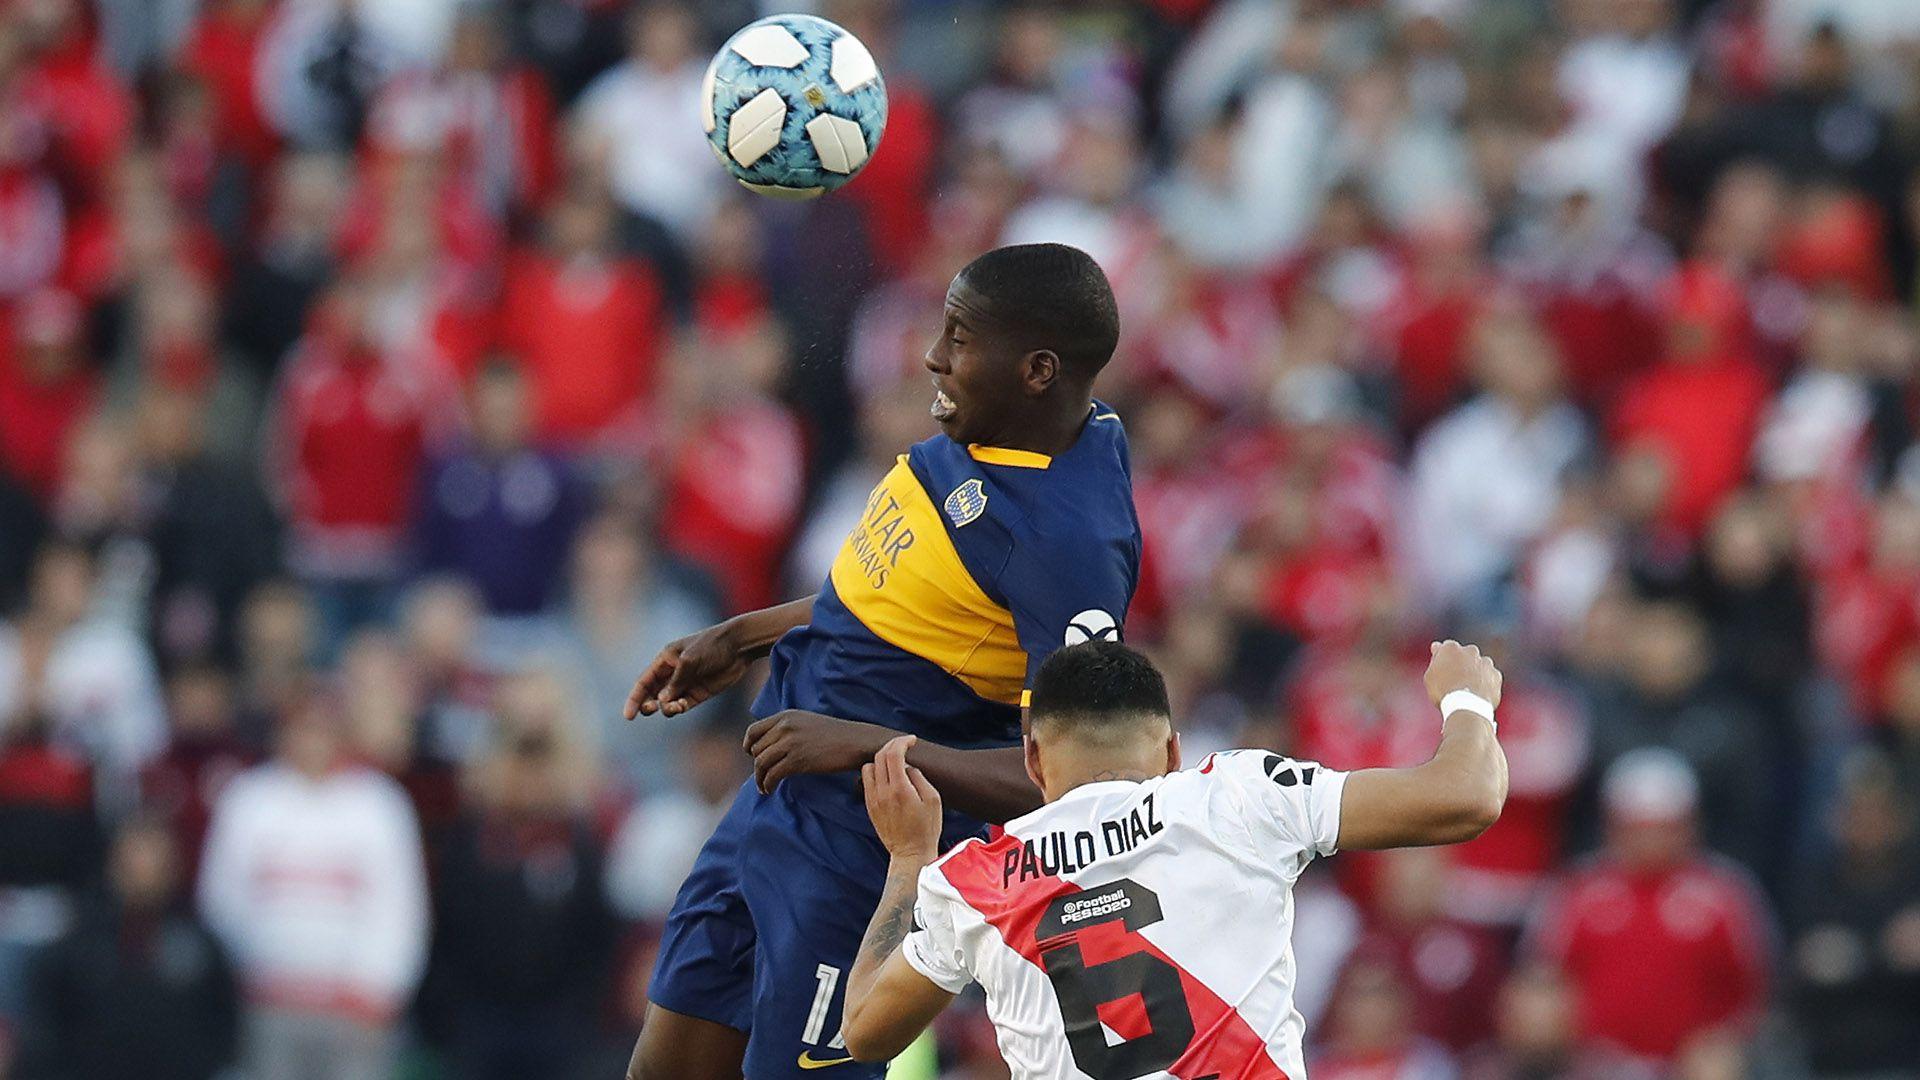 Aunque el venozolano Jan Hurtado logró meter un gol ante River, no logró meterse ni en la hinchada ni en las estadísticas del nueve goleador